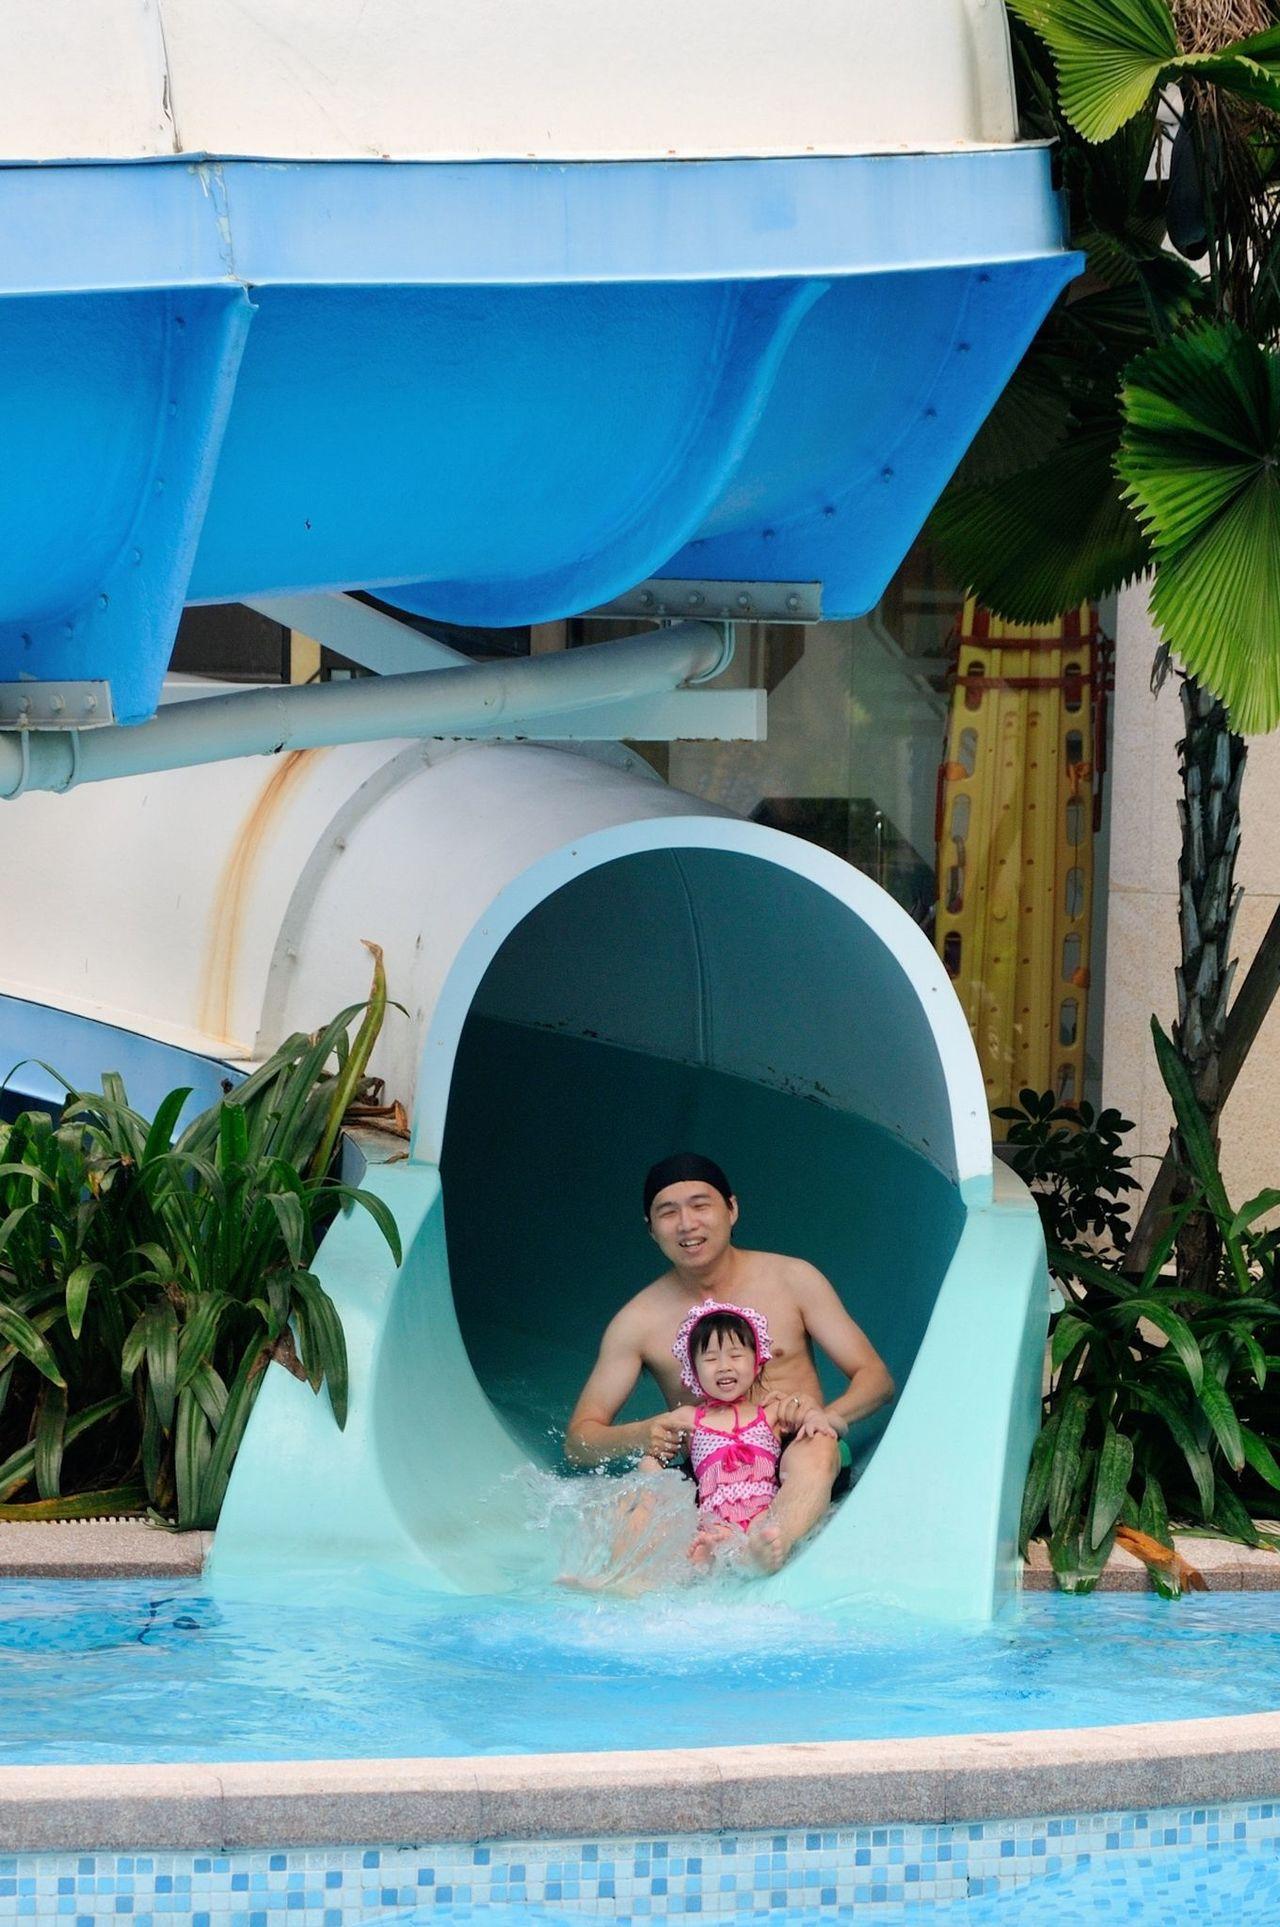 義大皇家酒店暑假水陸空設施齊發,清涼一夏。(圖/義大世界提供)